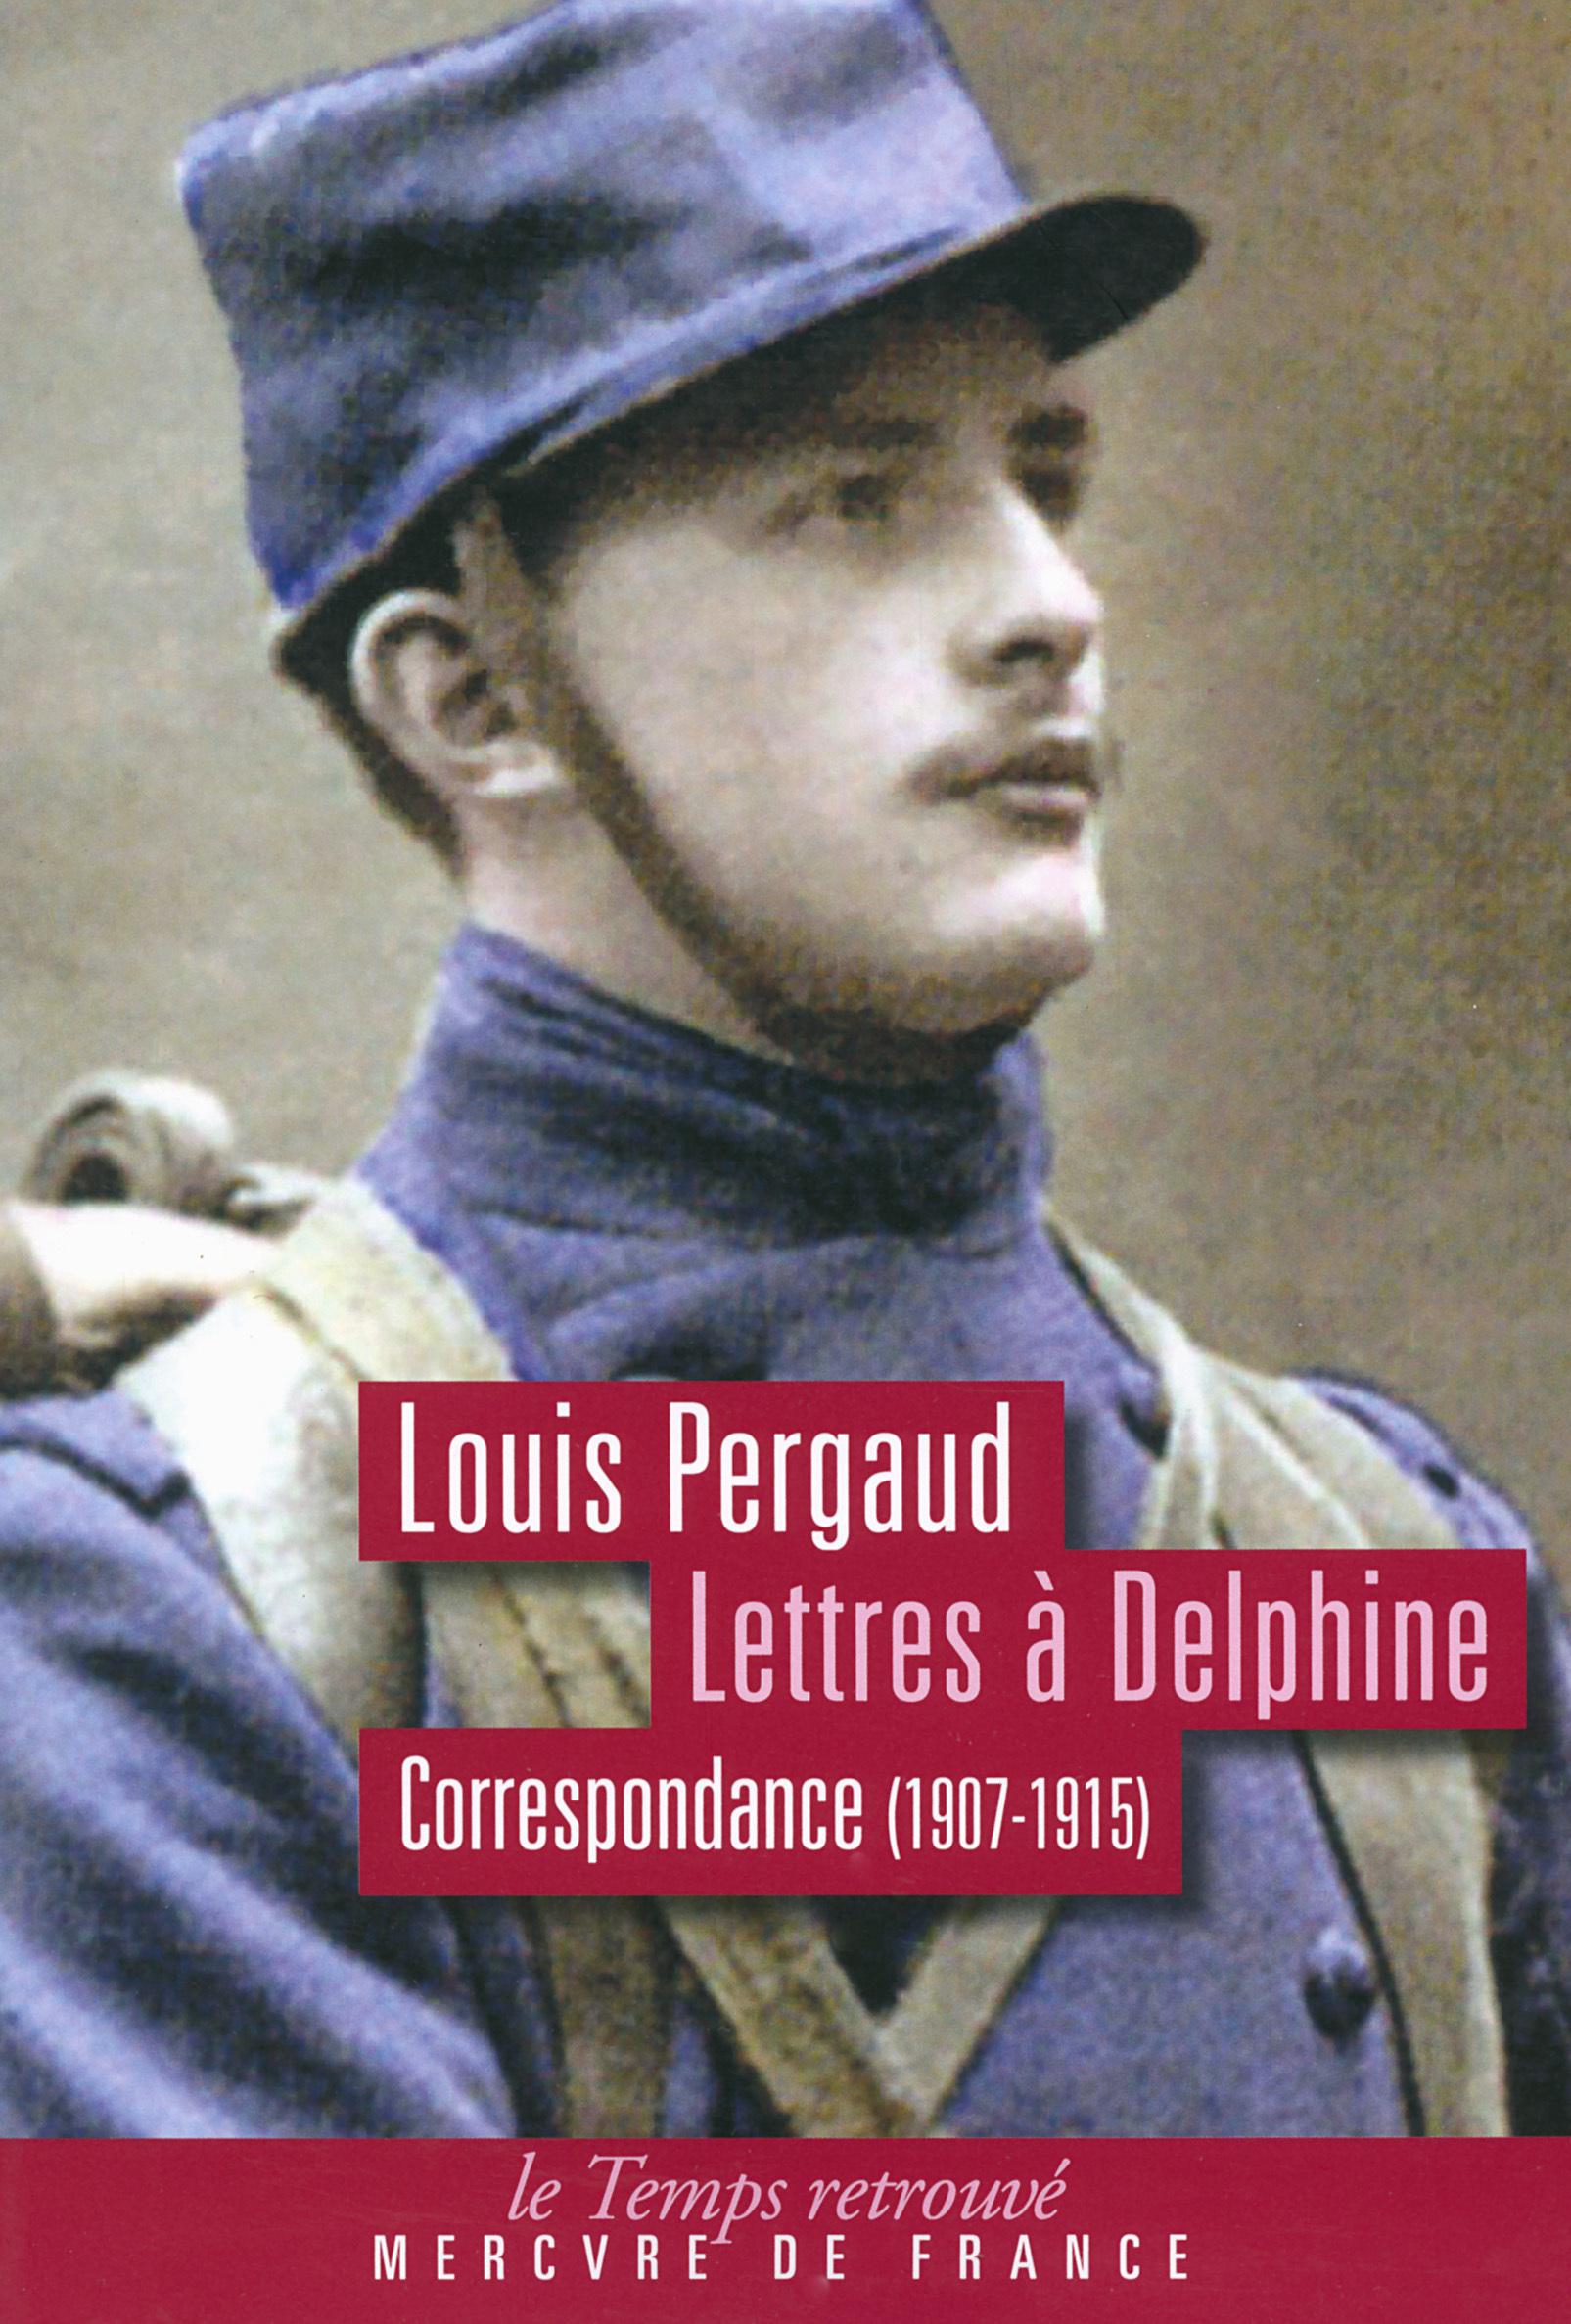 Lettres à Delphine, CORRESPONDANCE 1907-1915